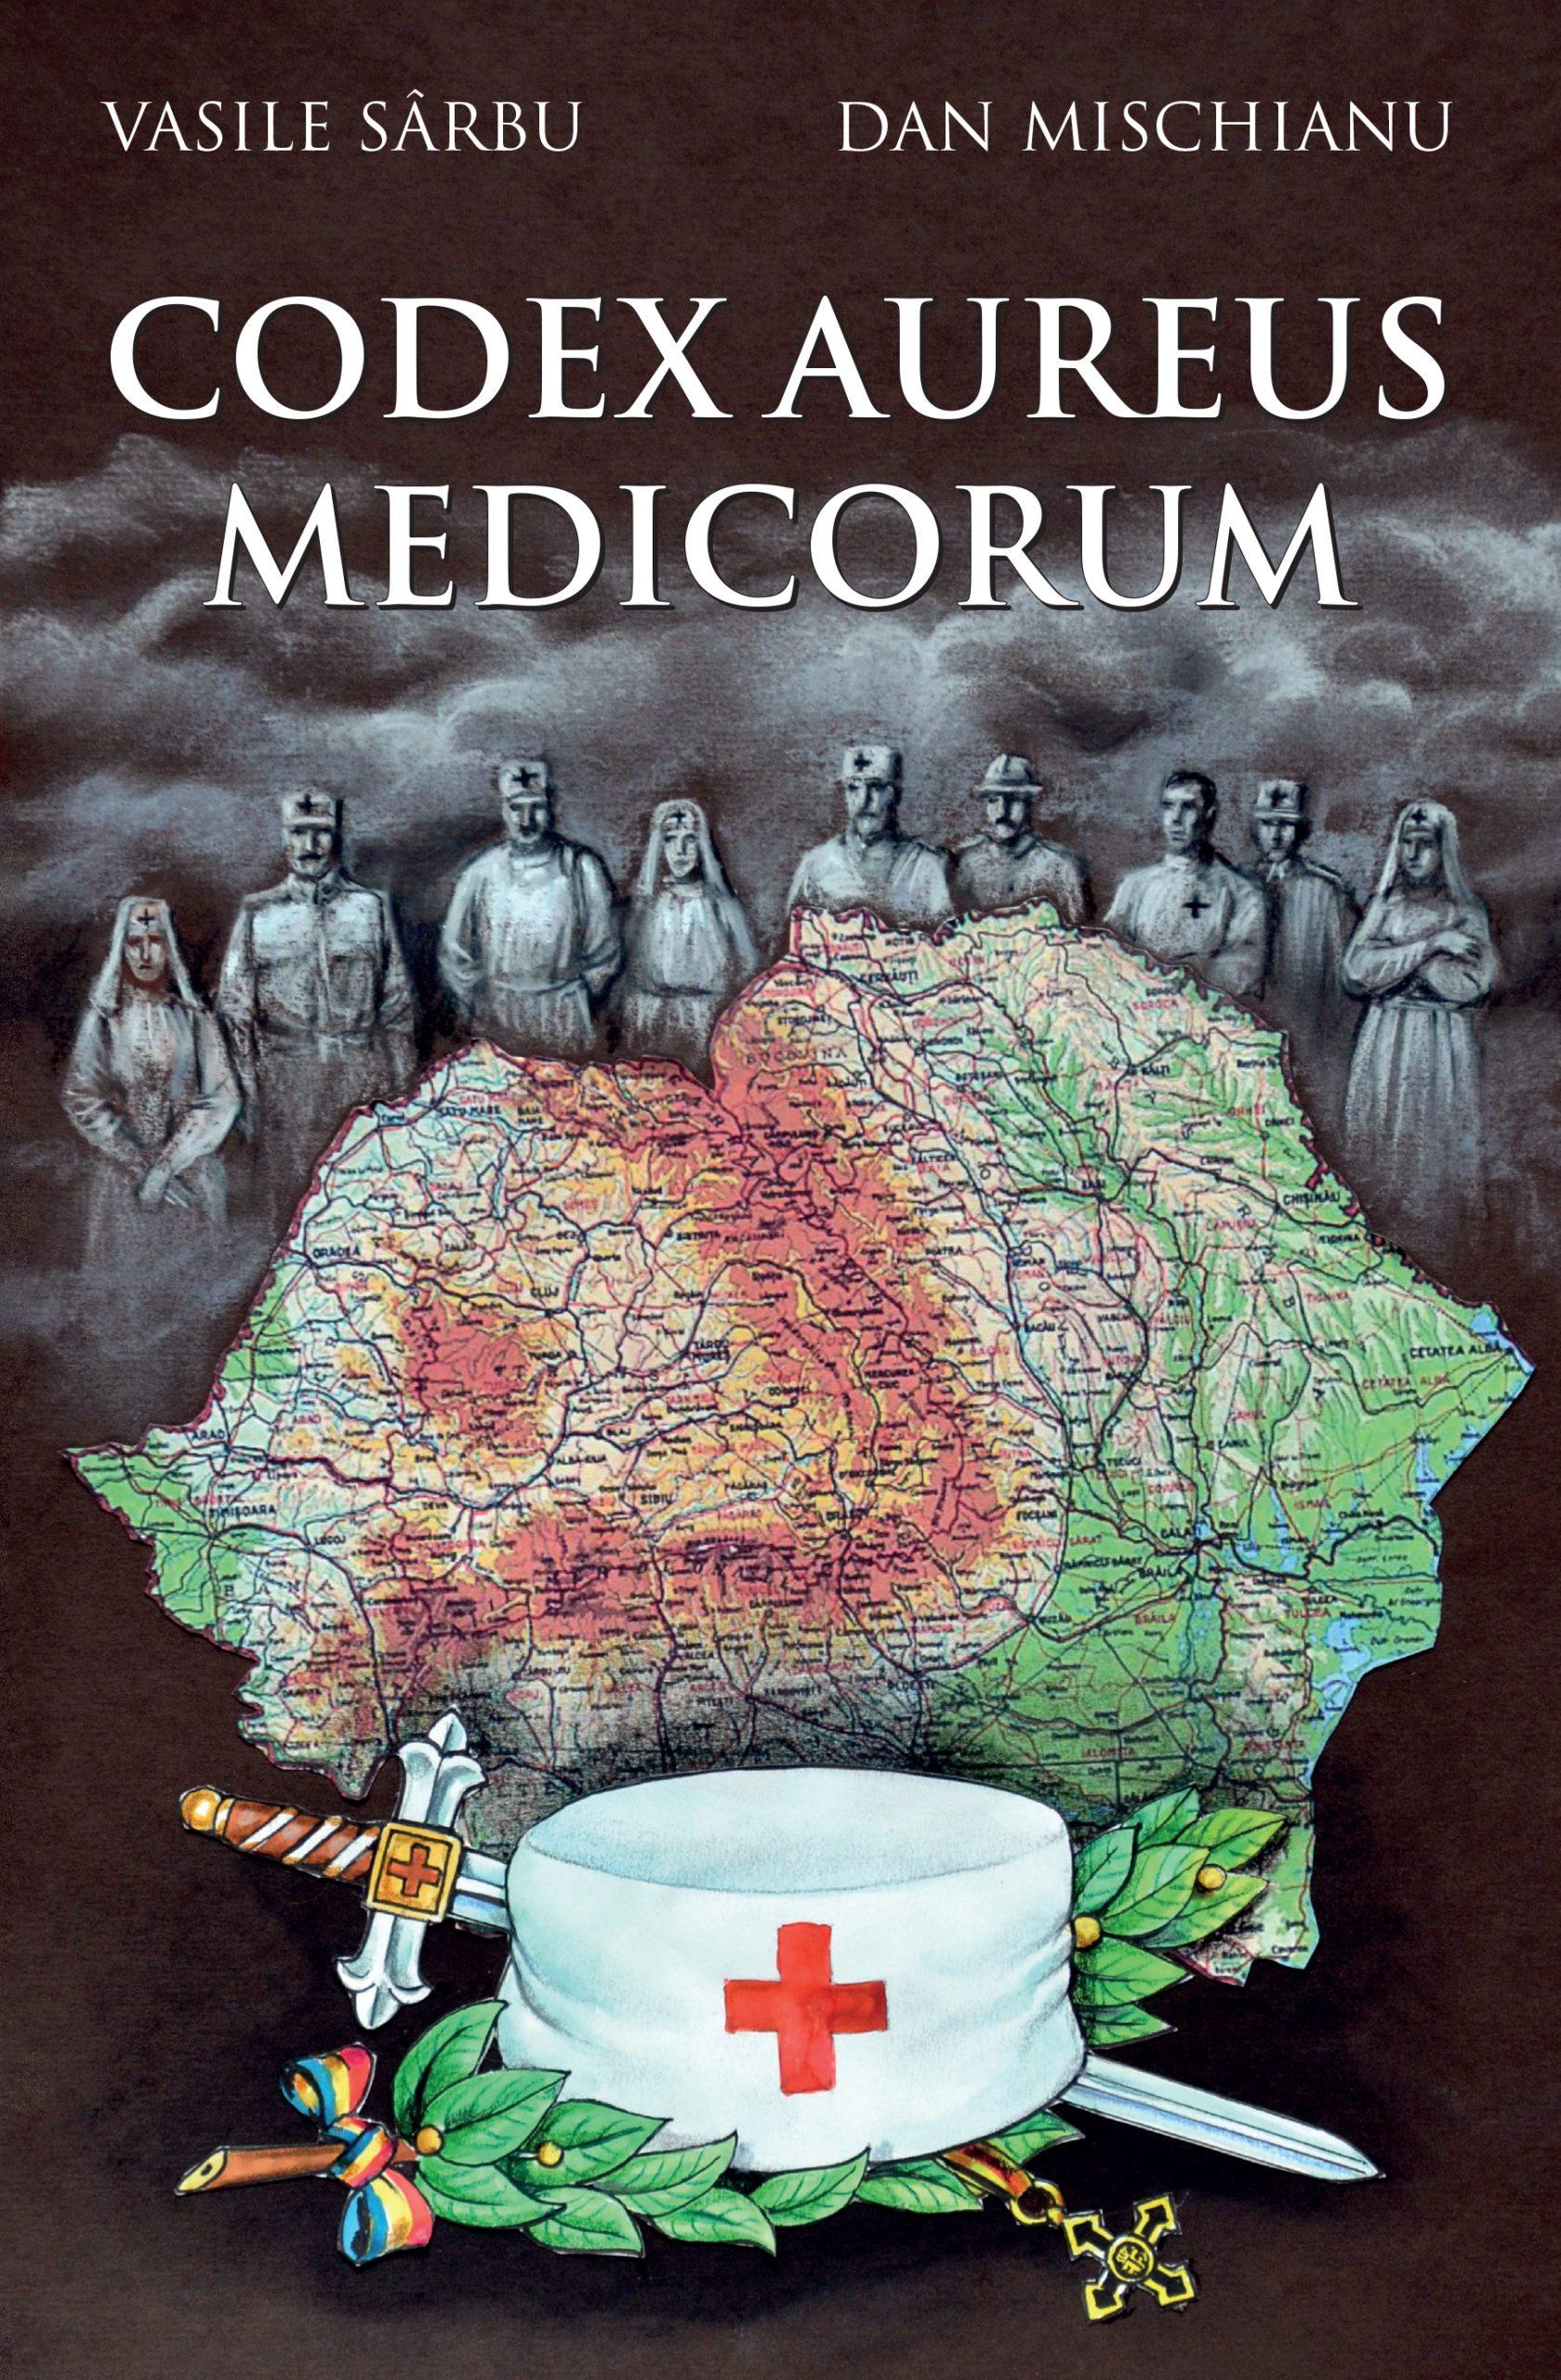 Codex Aureus Medicorum